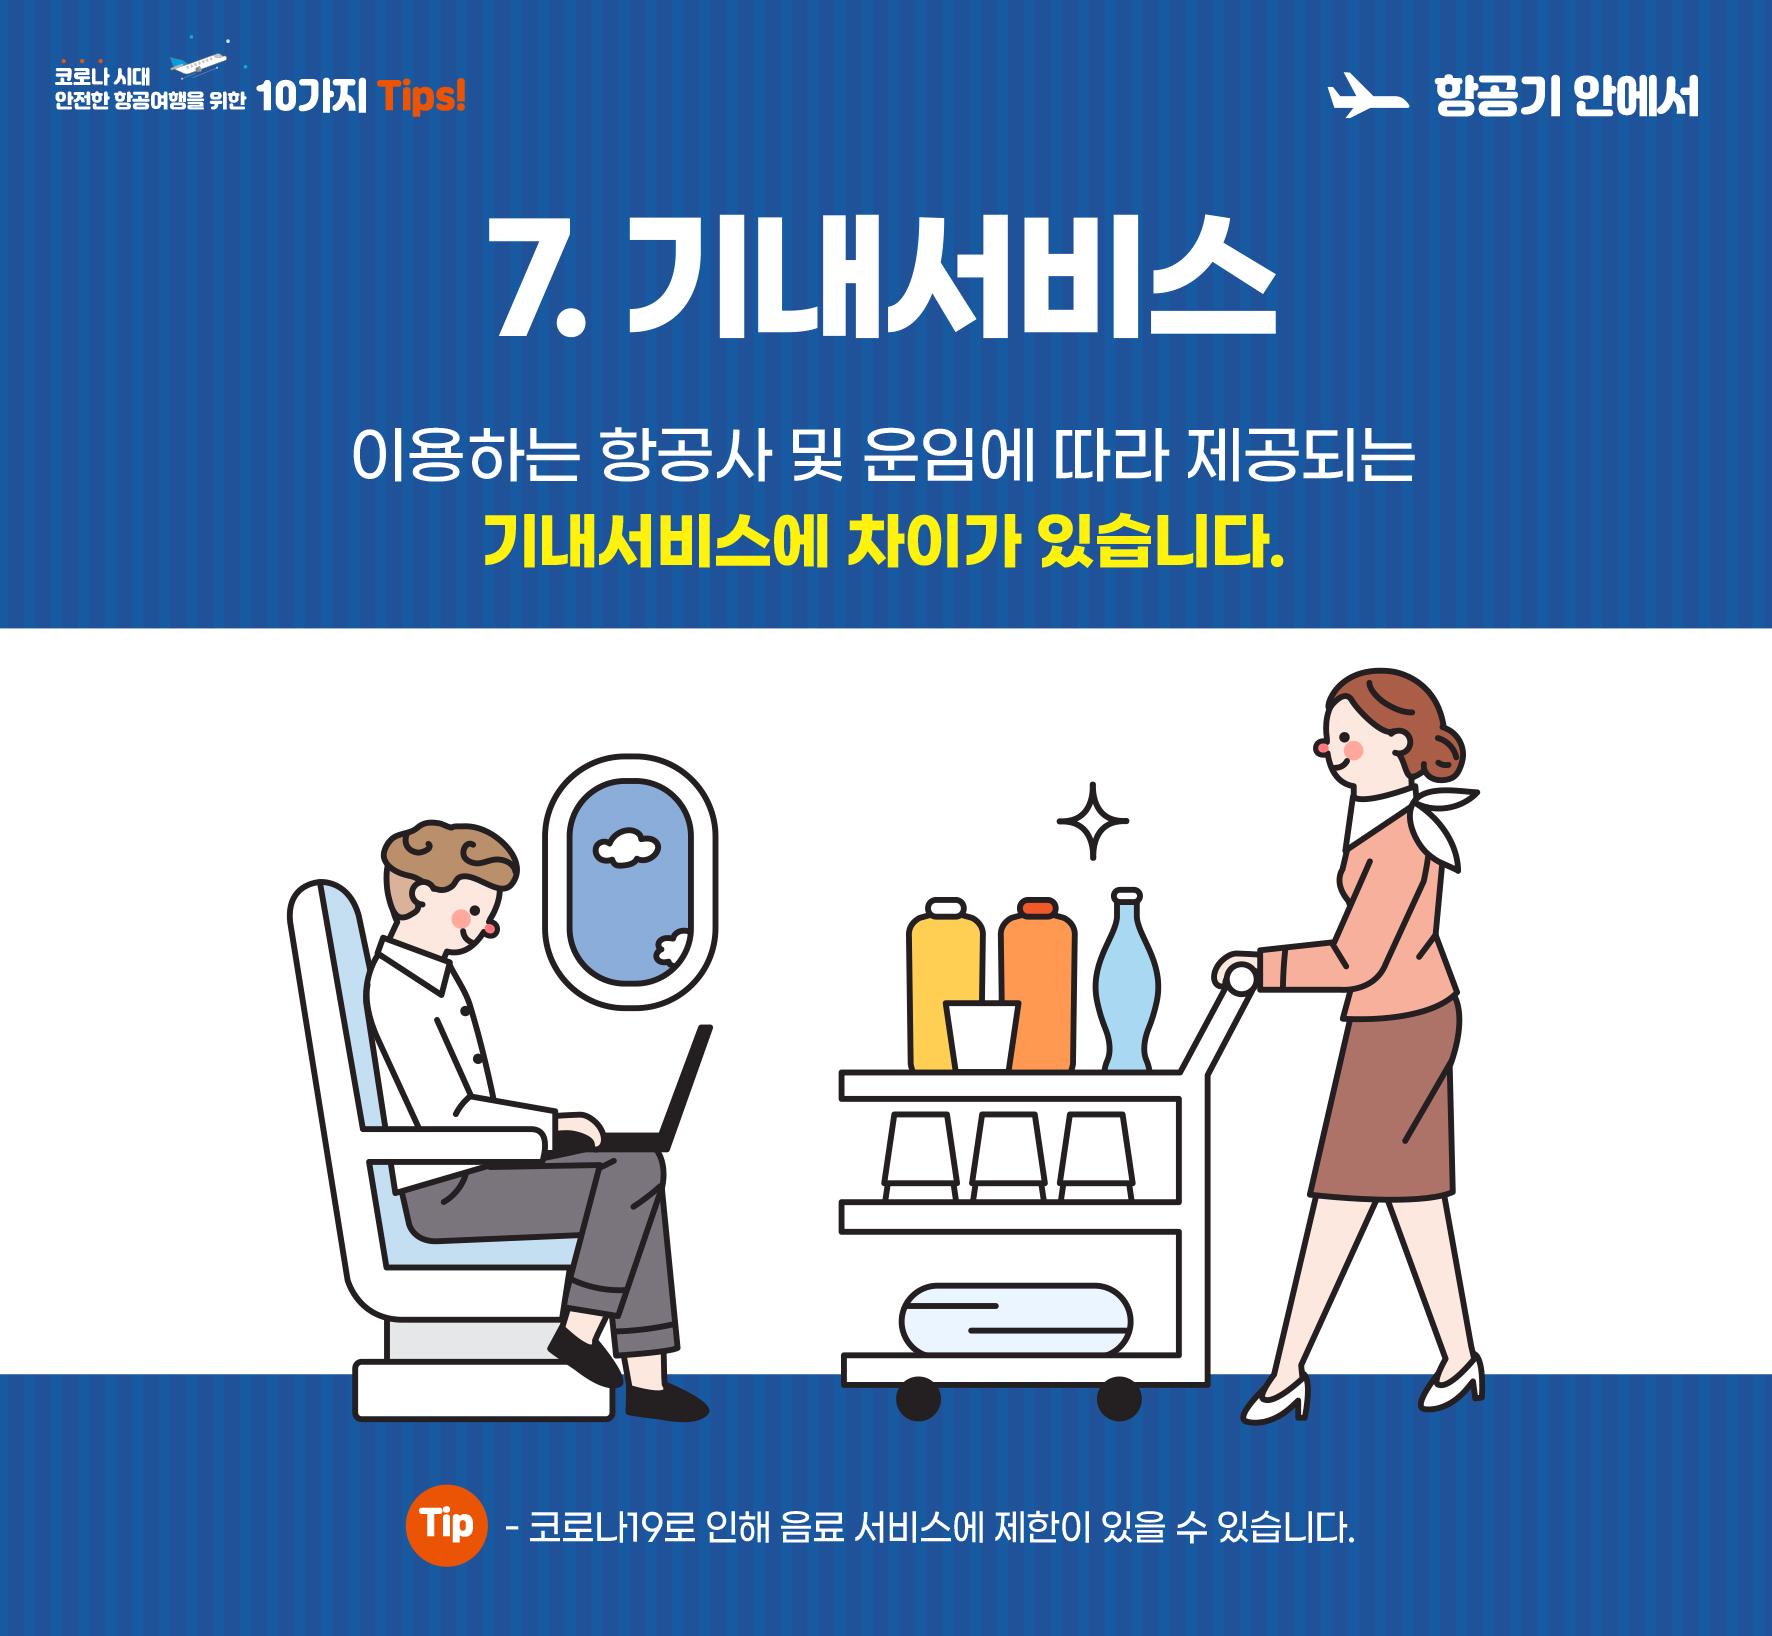 7. 기내서비스. 이용하는 항공사 및 운임에 따라 제공되는 기내서비스에 차이가 있습니다. 코로나19로 인해 음료서비스에 제한이 있을 수 있습니다.